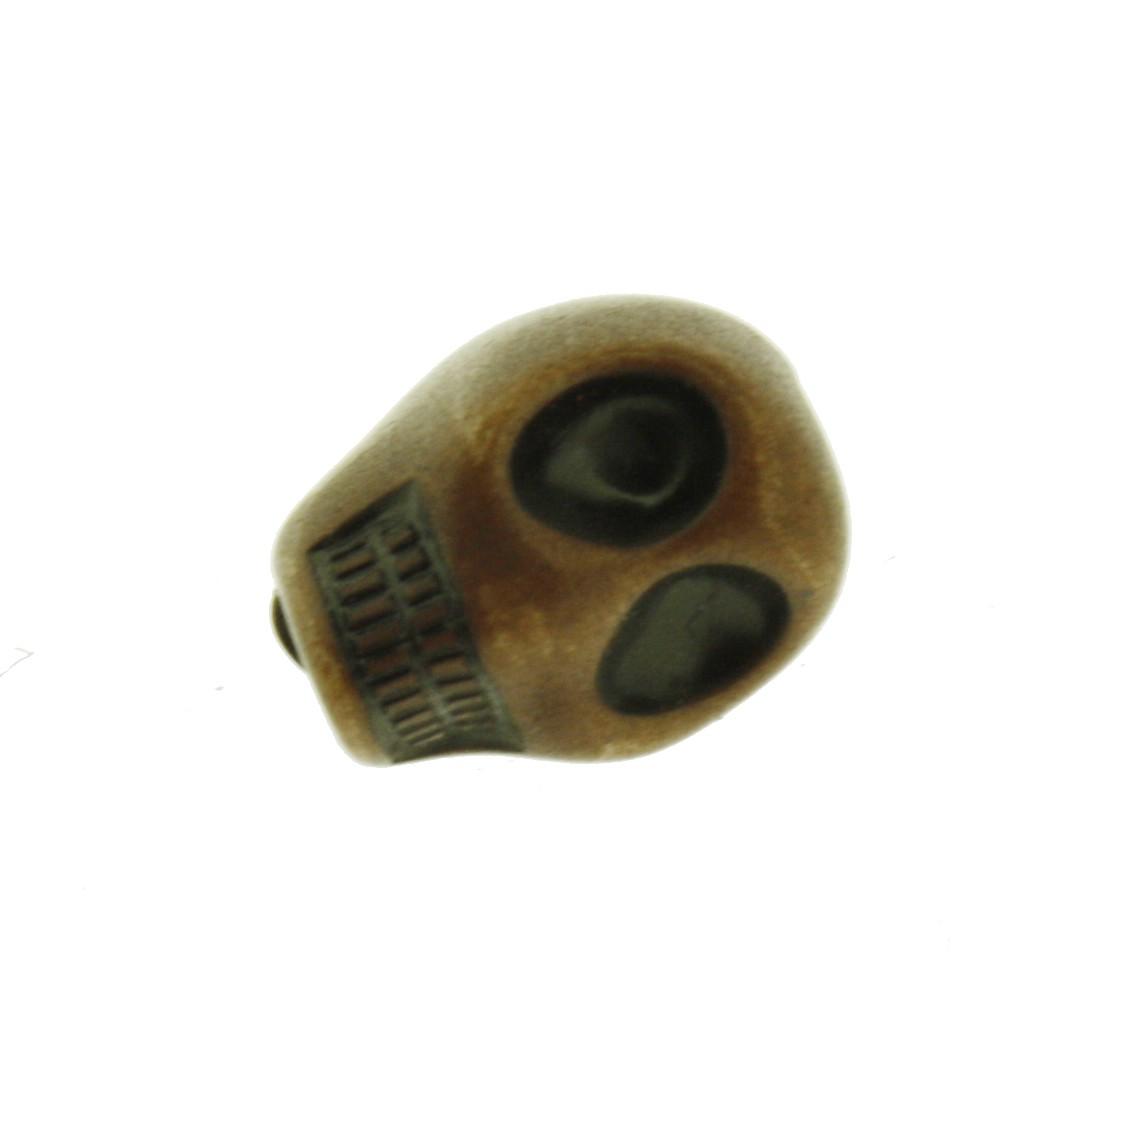 Firma Caveira - Resina Plástica - Pequena Marrom - 10 Peças  - Universo Religioso® - Artigos de Umbanda e Candomblé